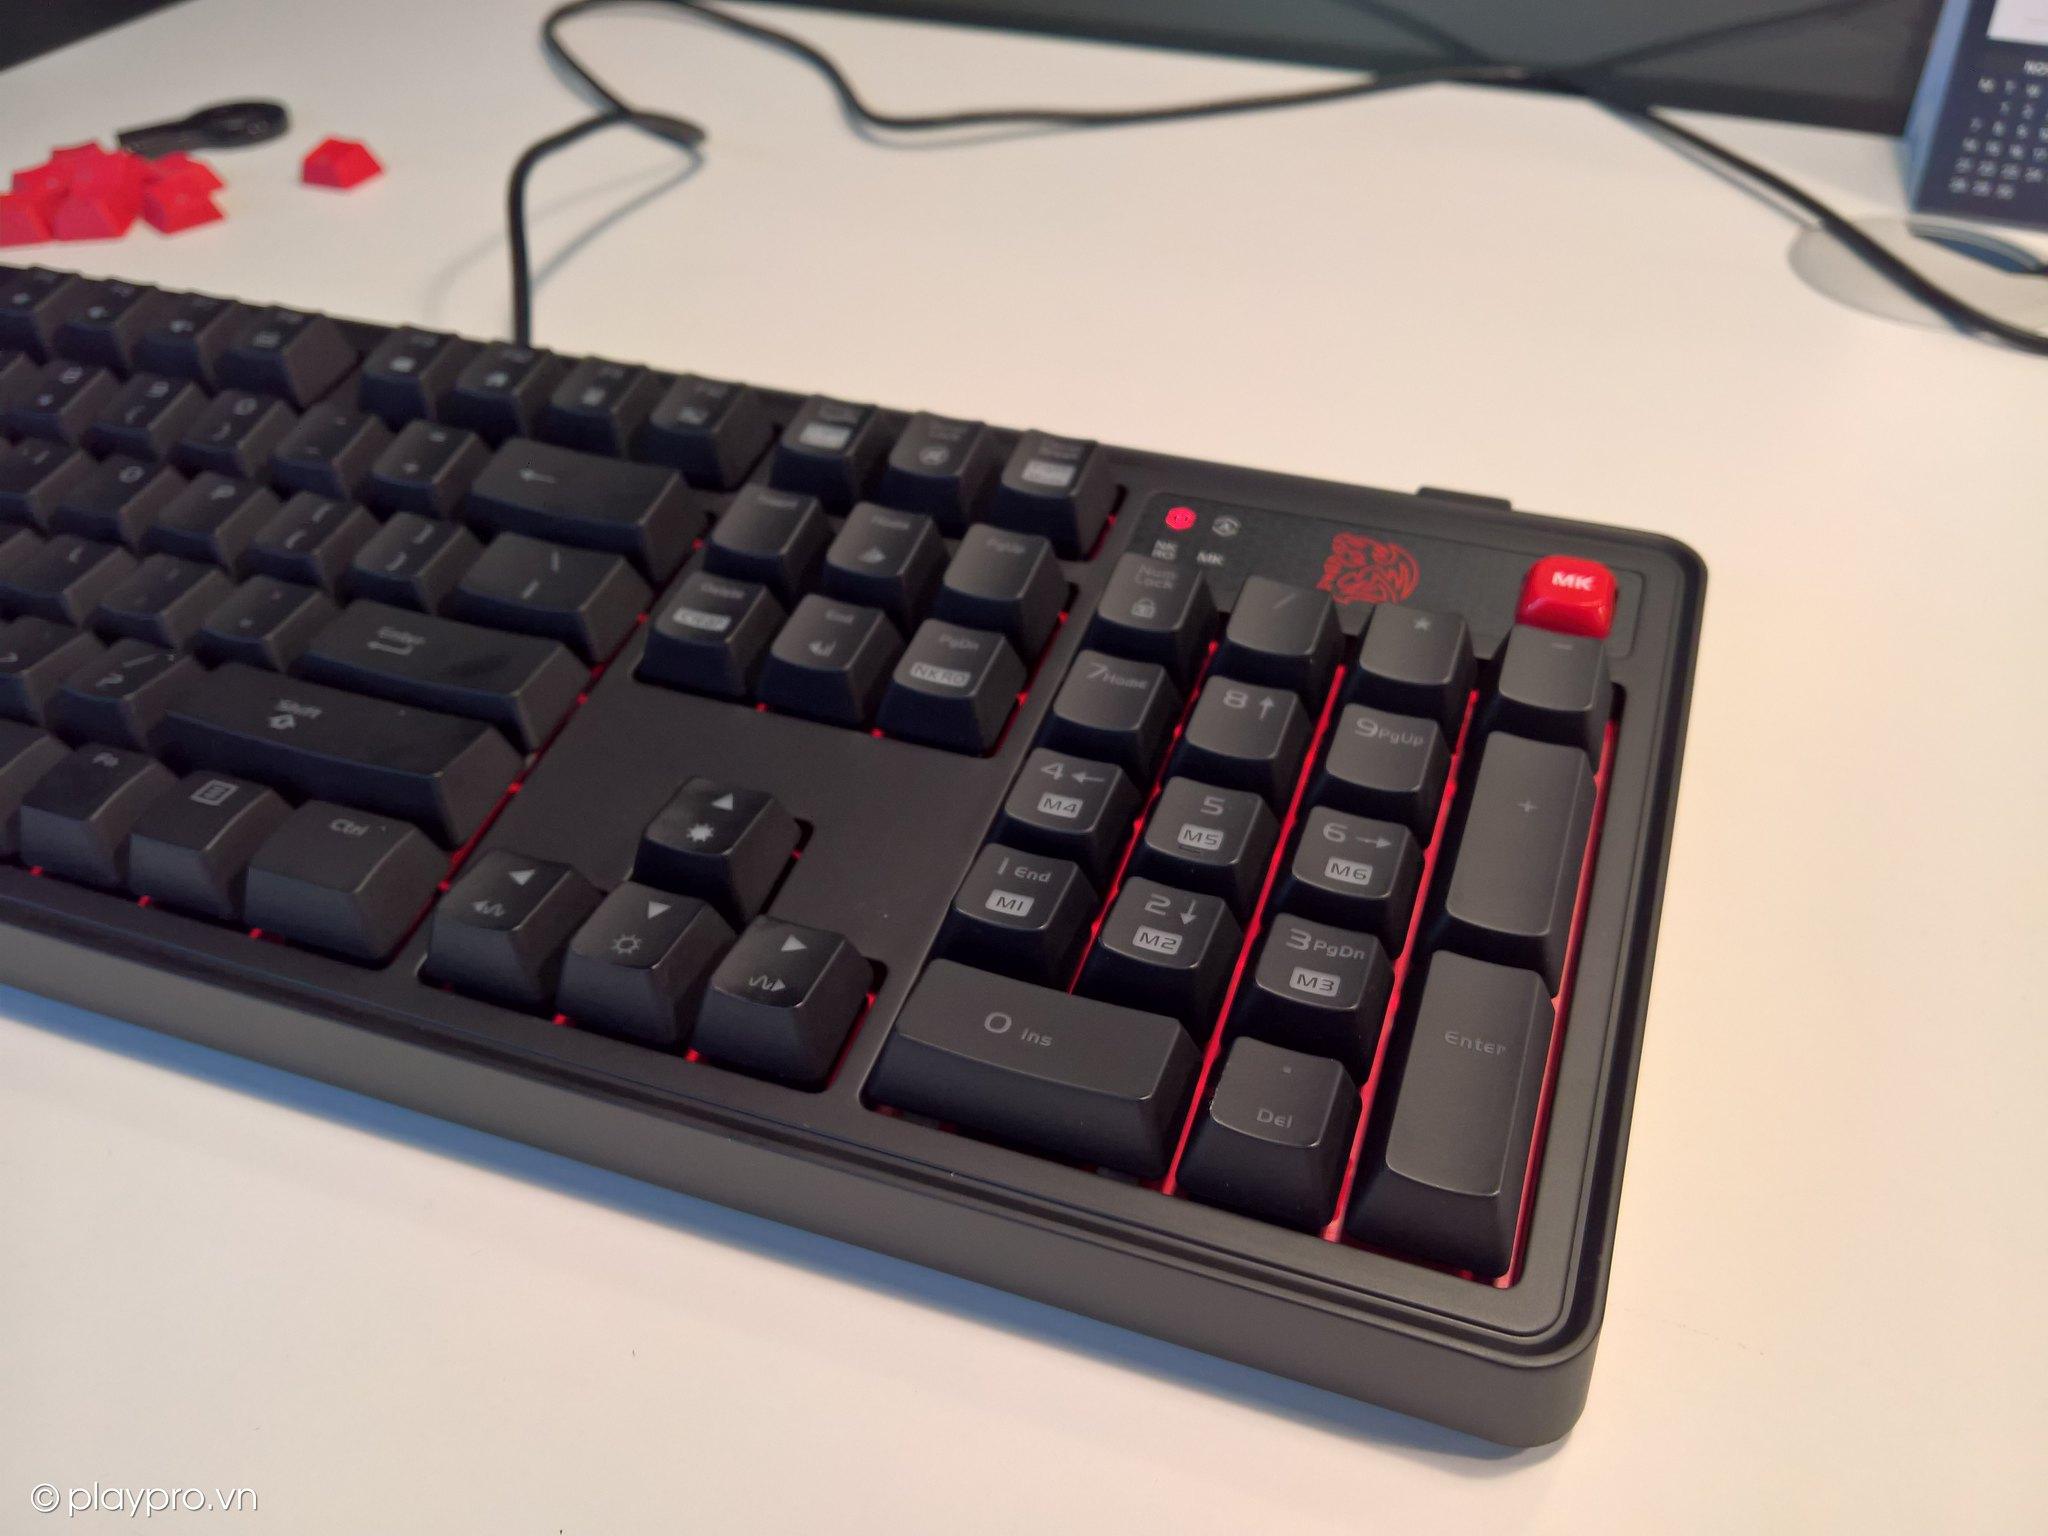 Trên tay chiếc phím cơ Tt Esports Meka Pro - Build tốt, Switch Cherry cực ngon